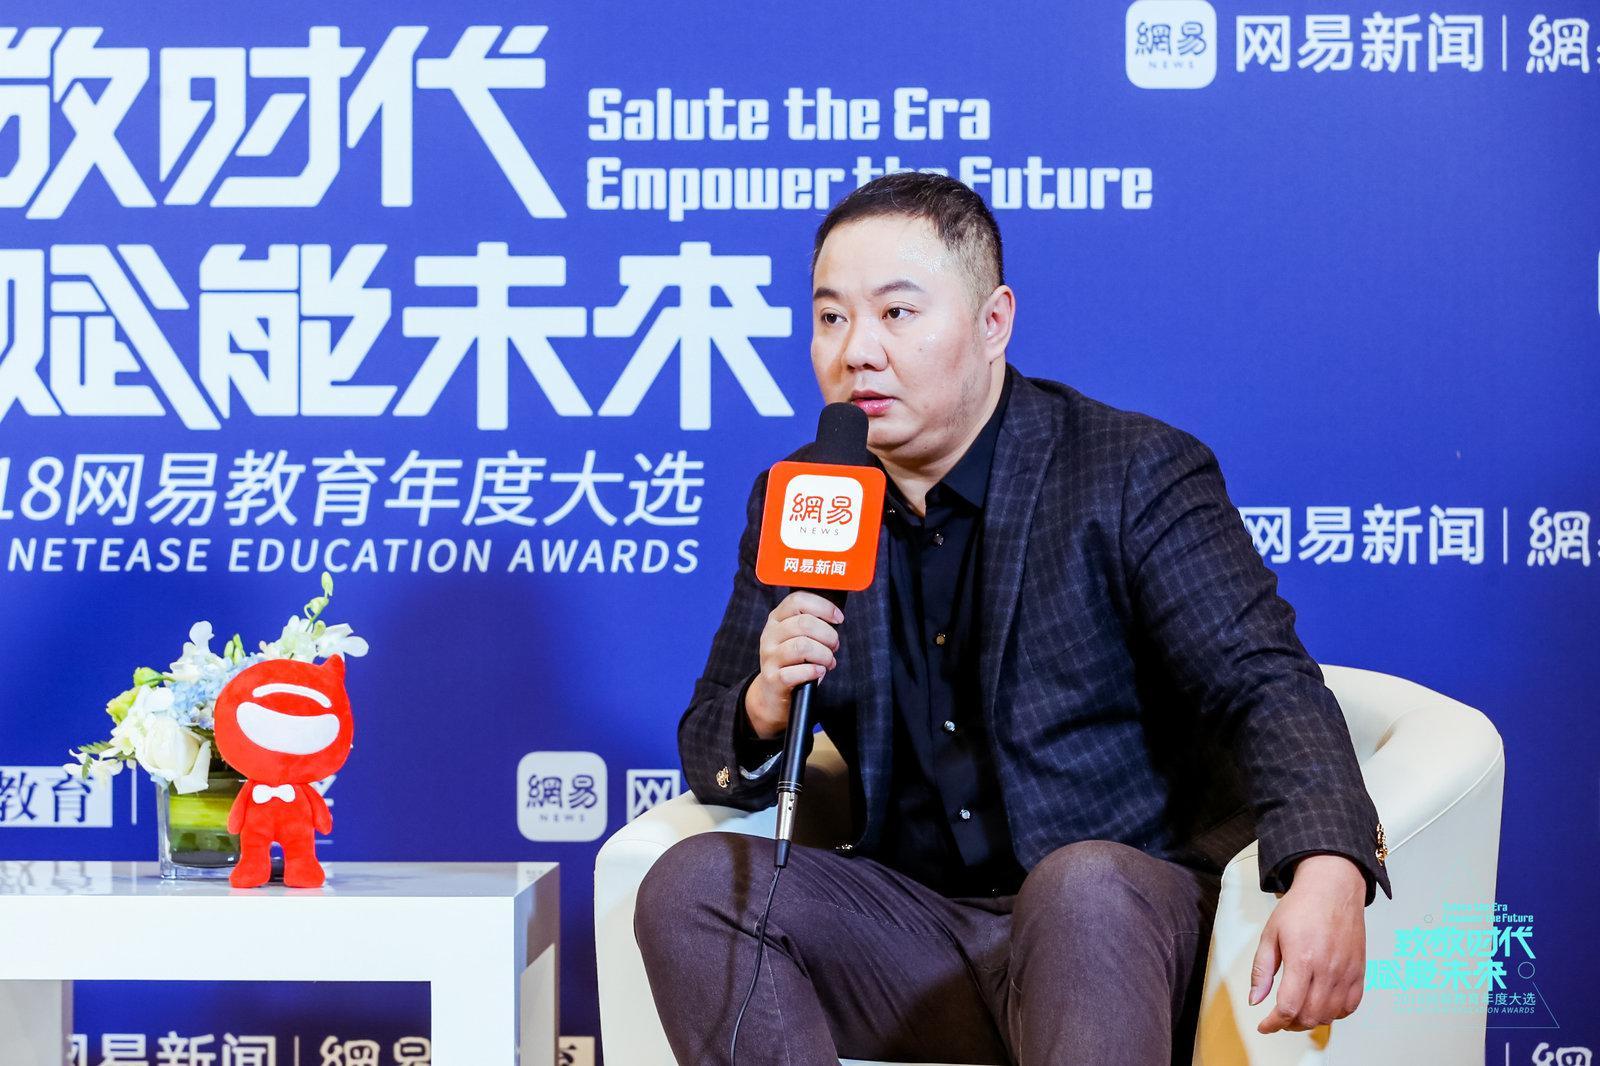 王文琪:把我们的信息更加清晰的呈现给家长及孩子们